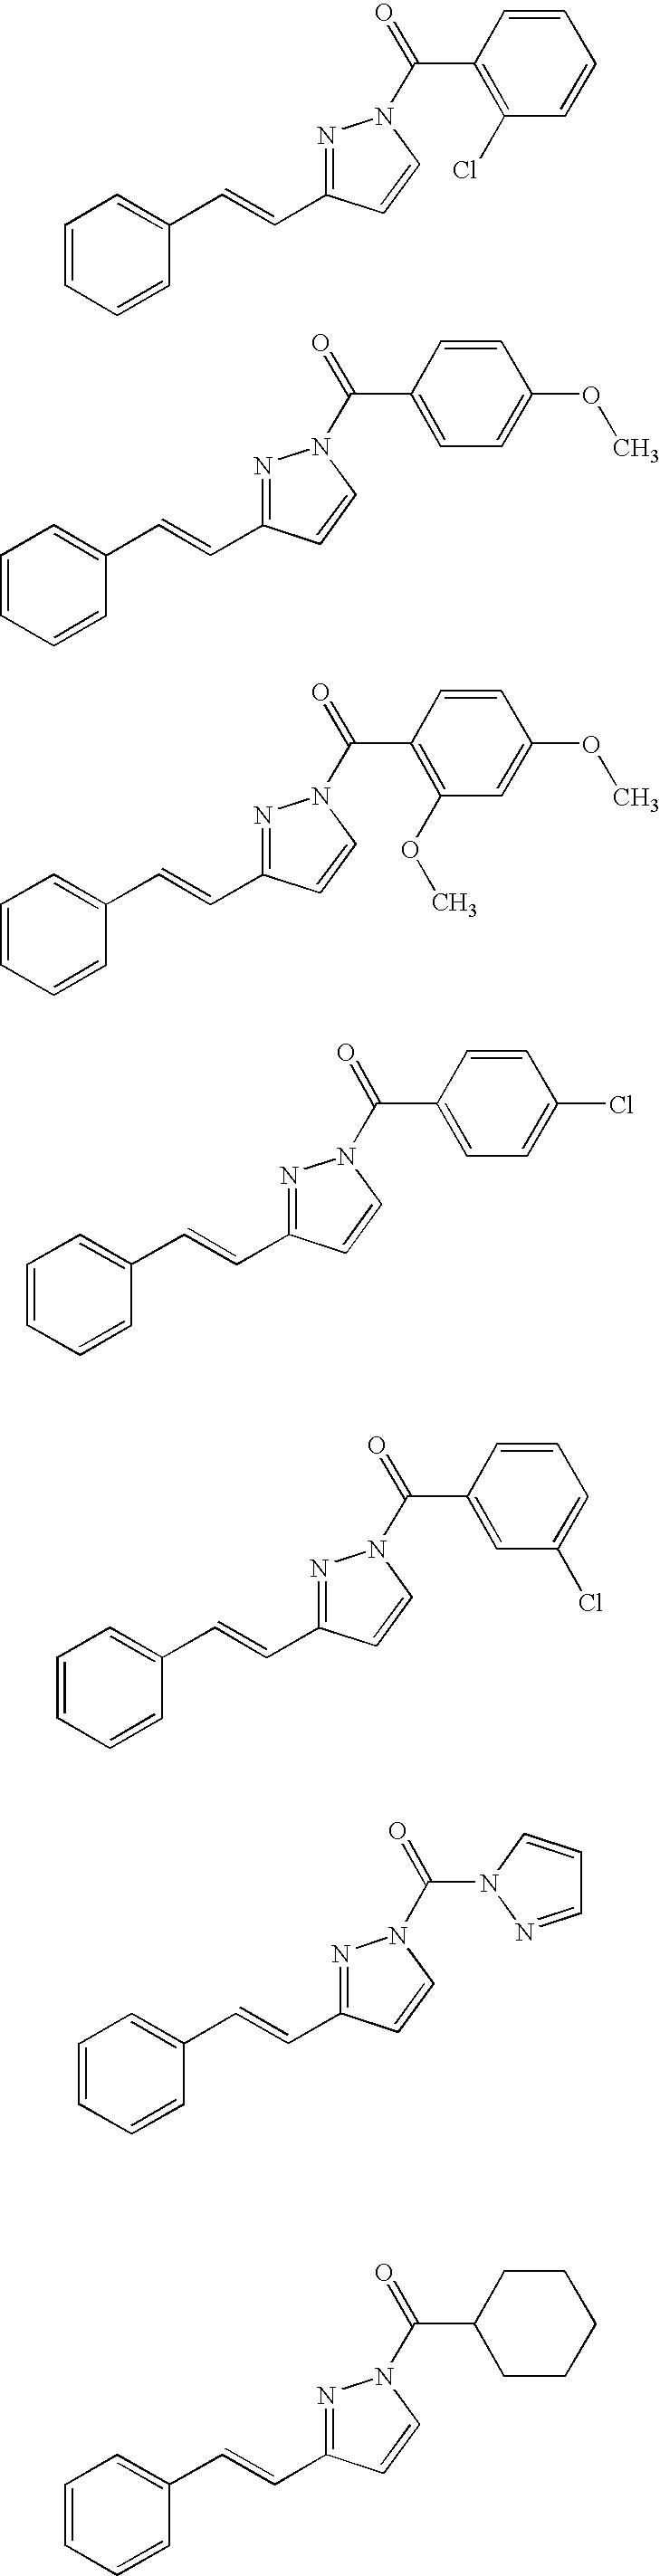 Figure US07192976-20070320-C00043